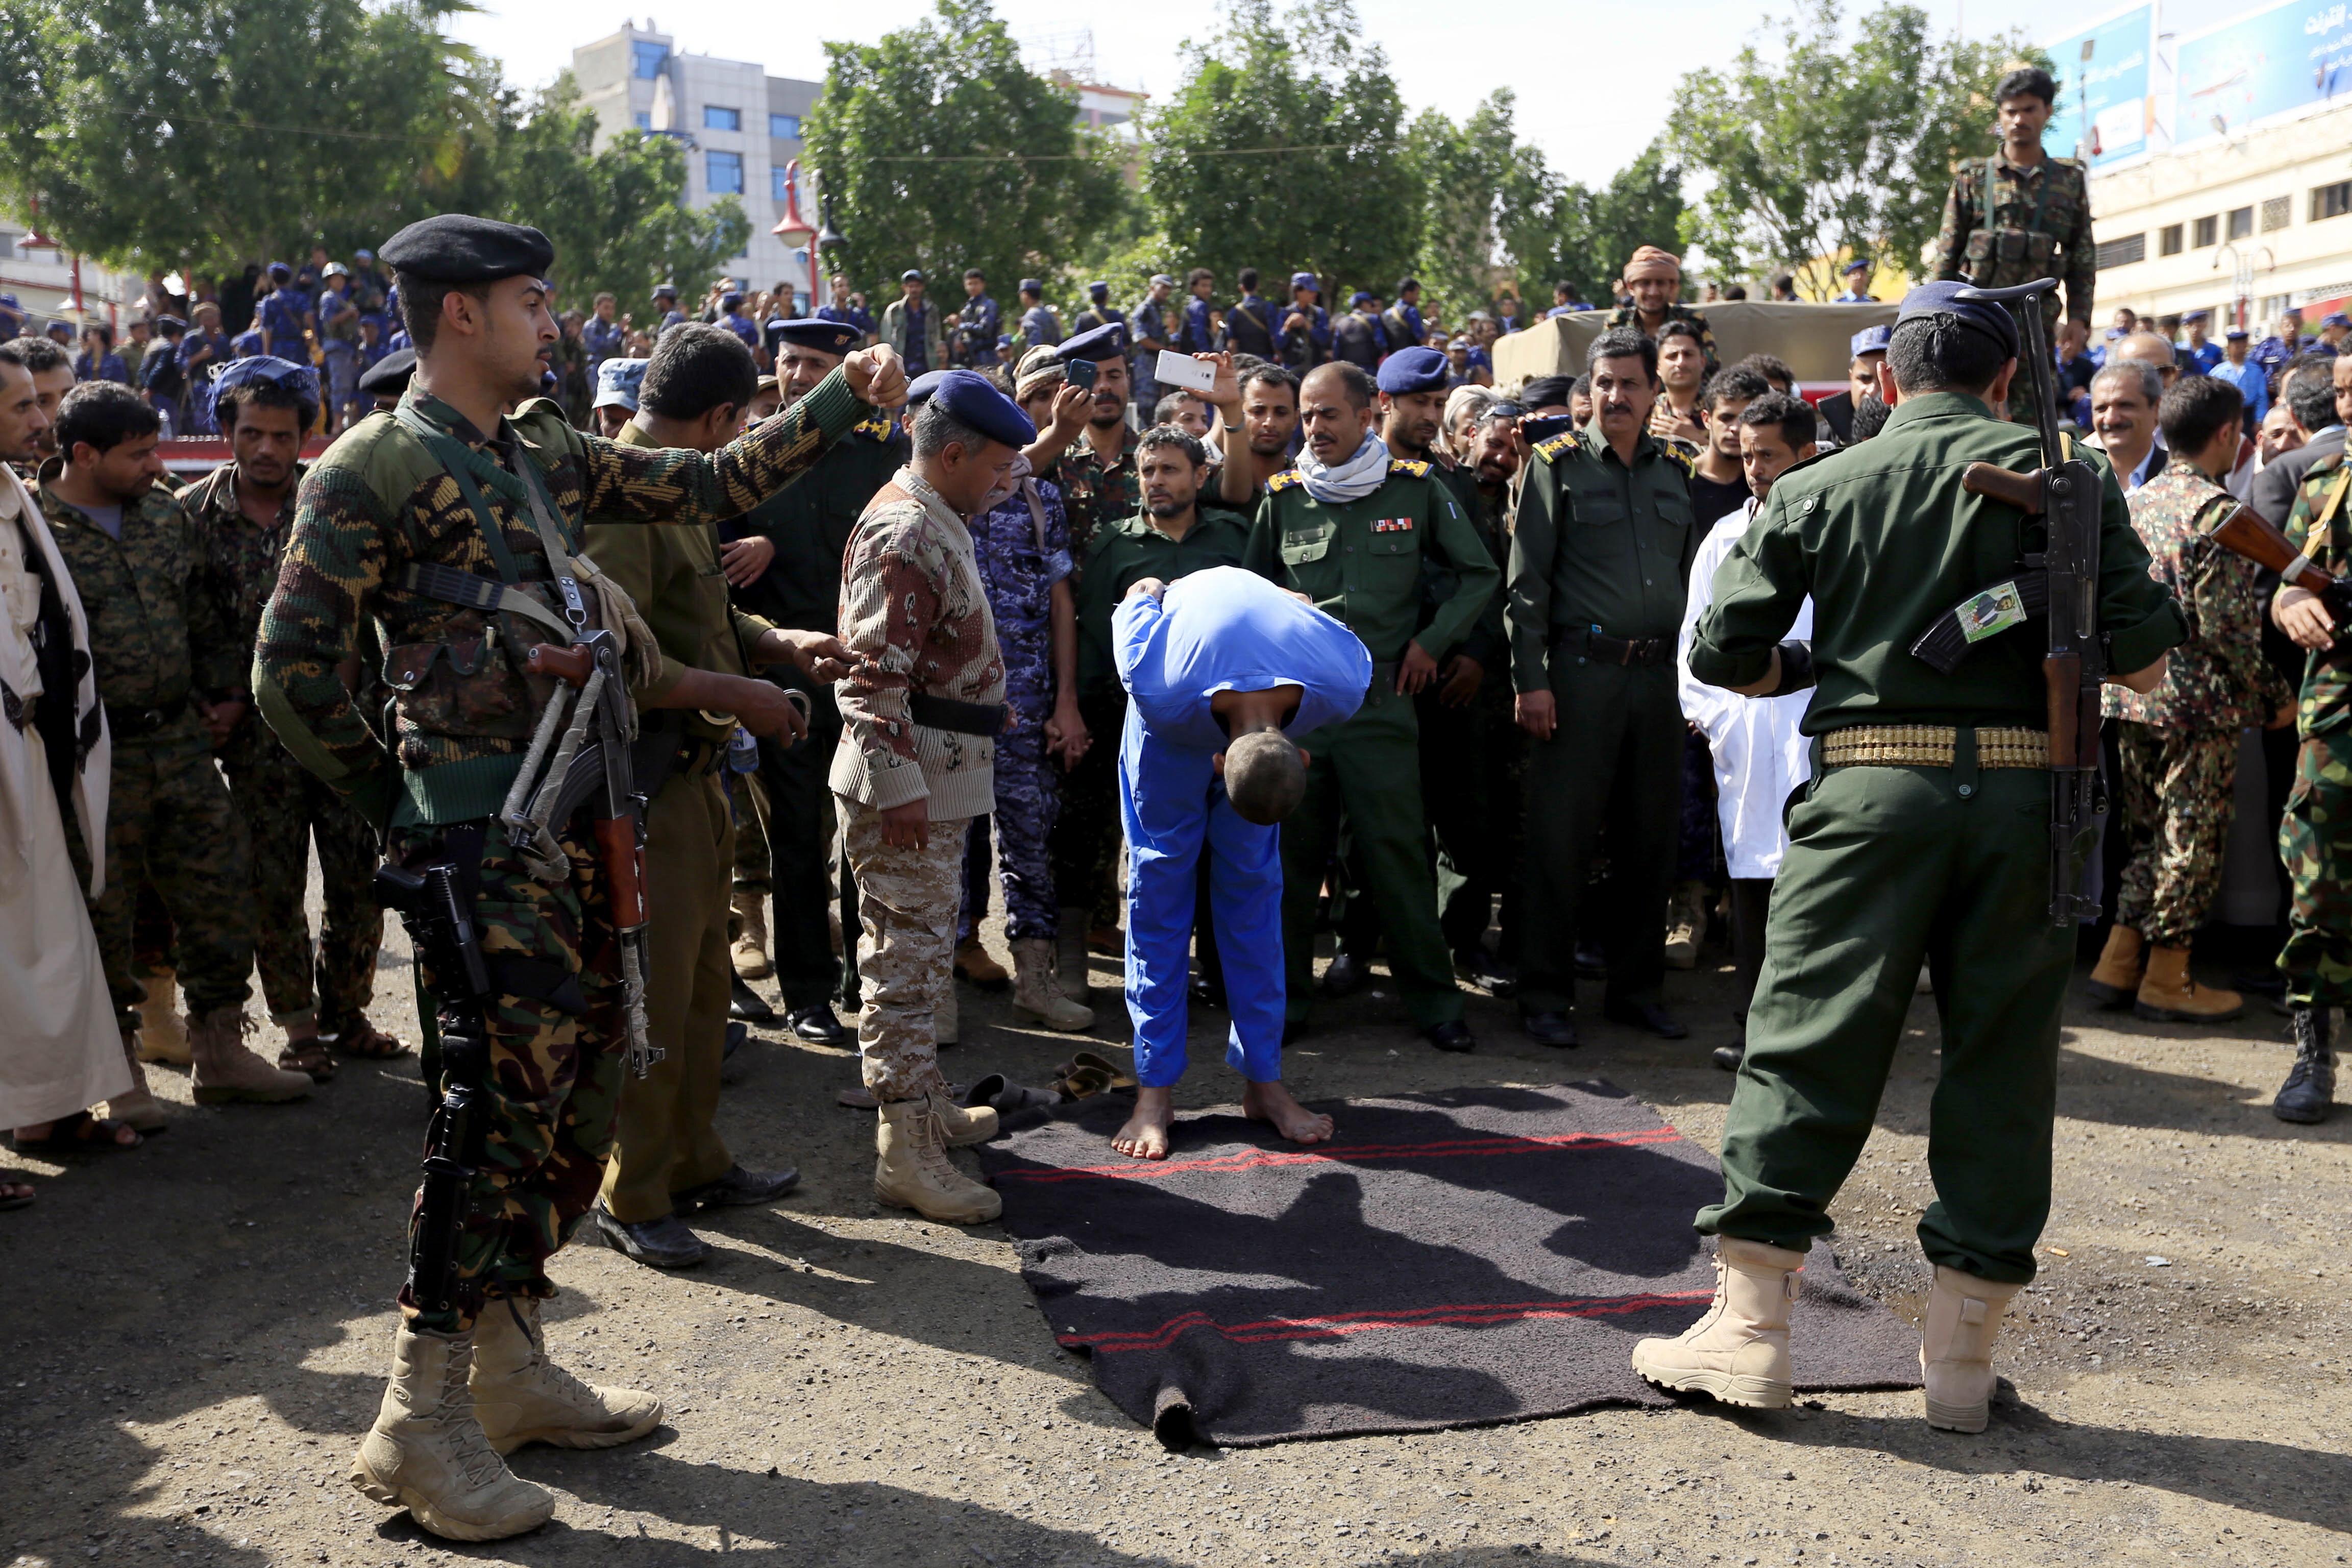 Pedofili împușcați în piața publică apoi spânzurați de o macara, în Yemen. FOTO